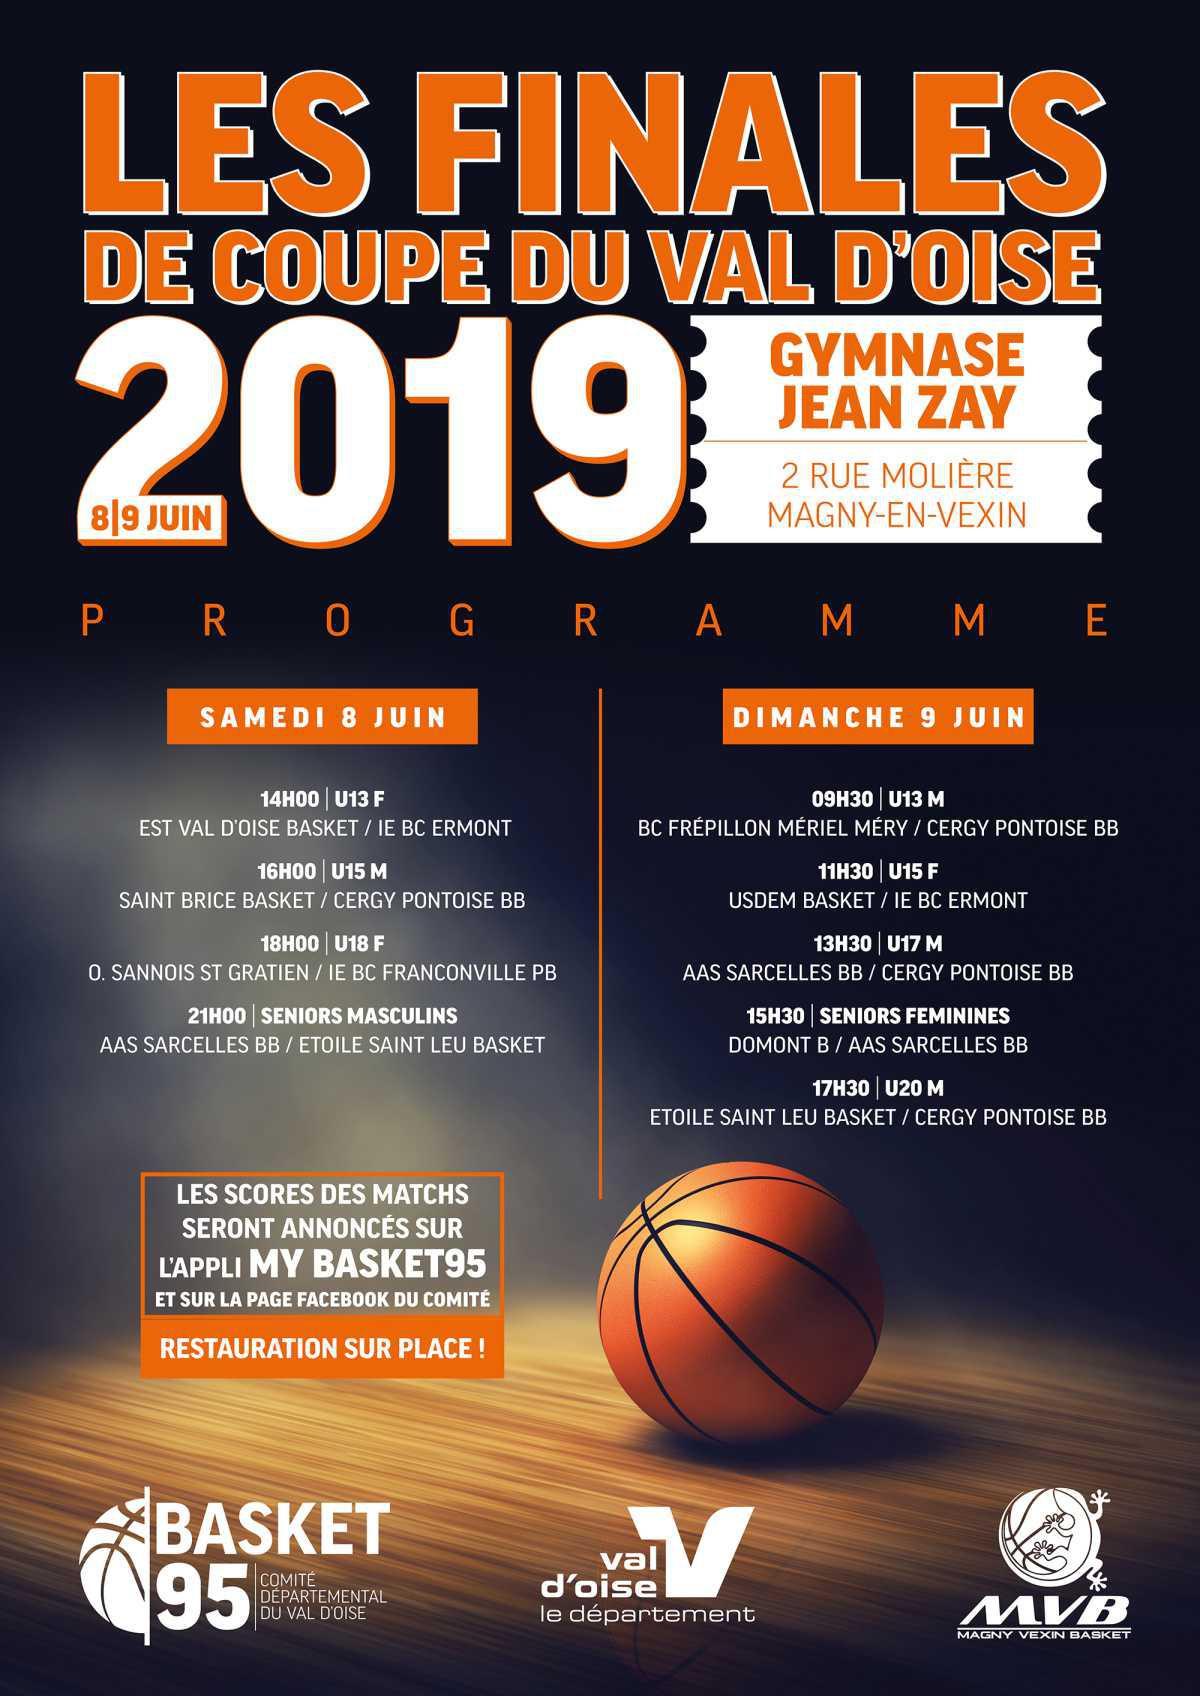 Programme des finales de la Coupe du Val d'Oise !